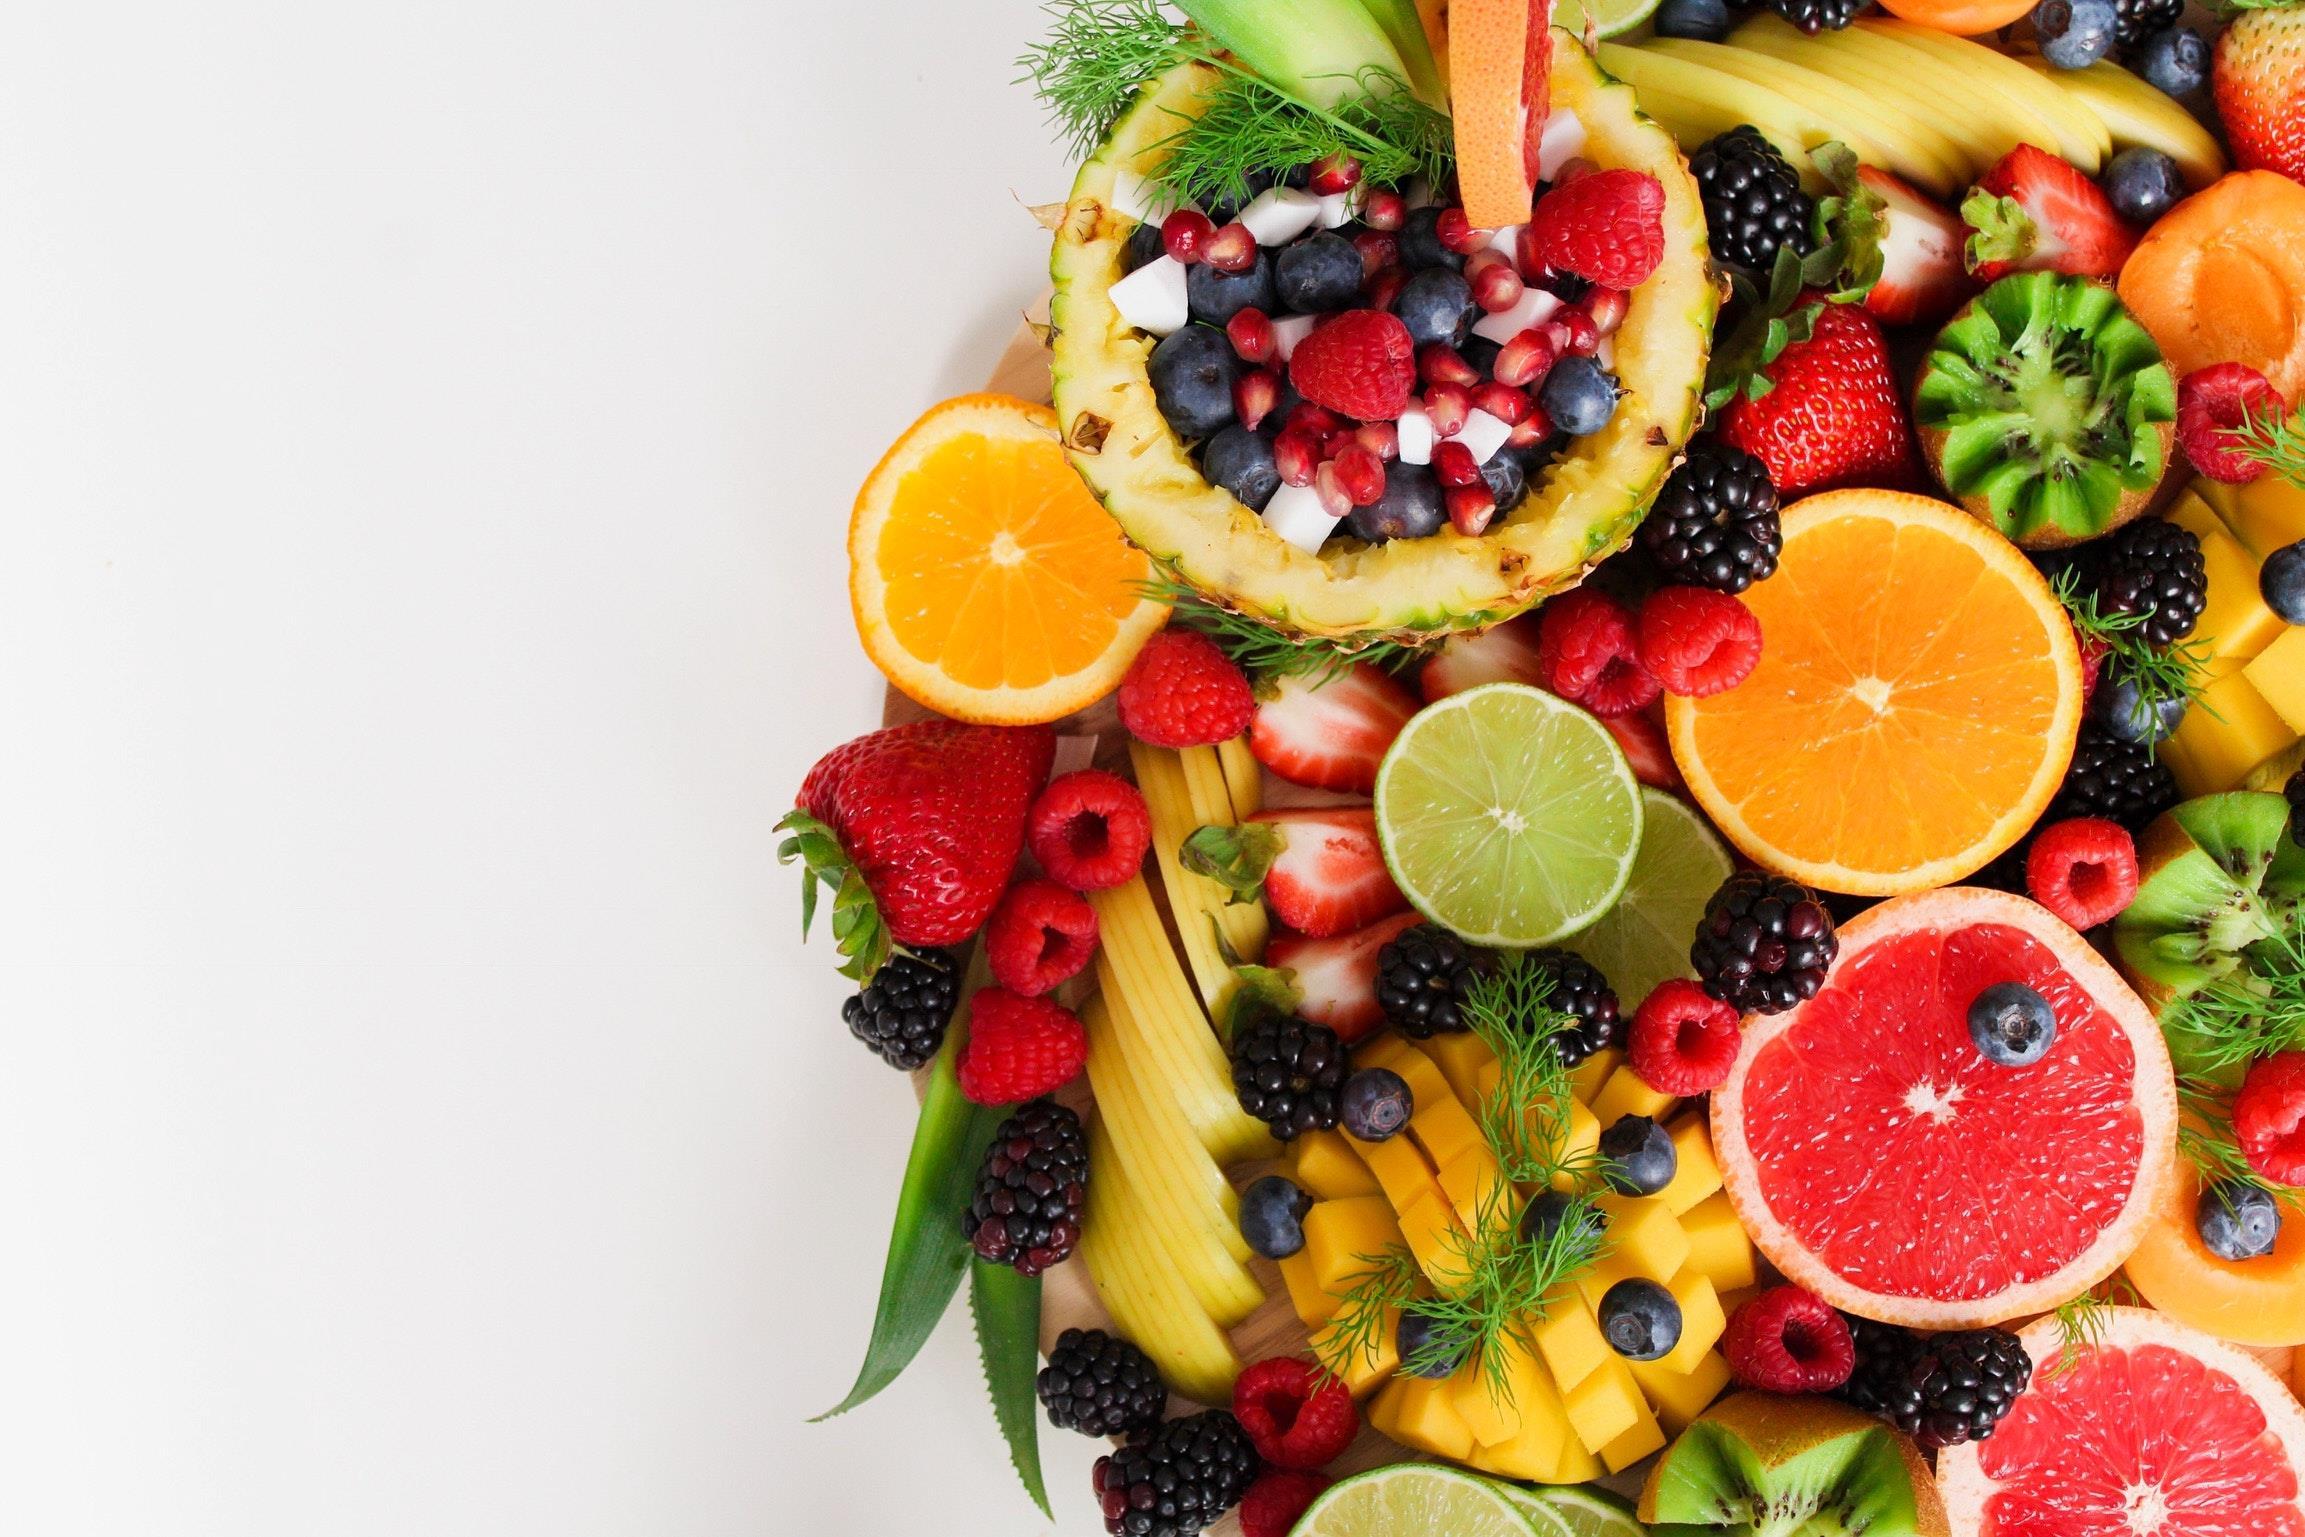 Frutta e verdura alimenti consigliati per acne tardiva